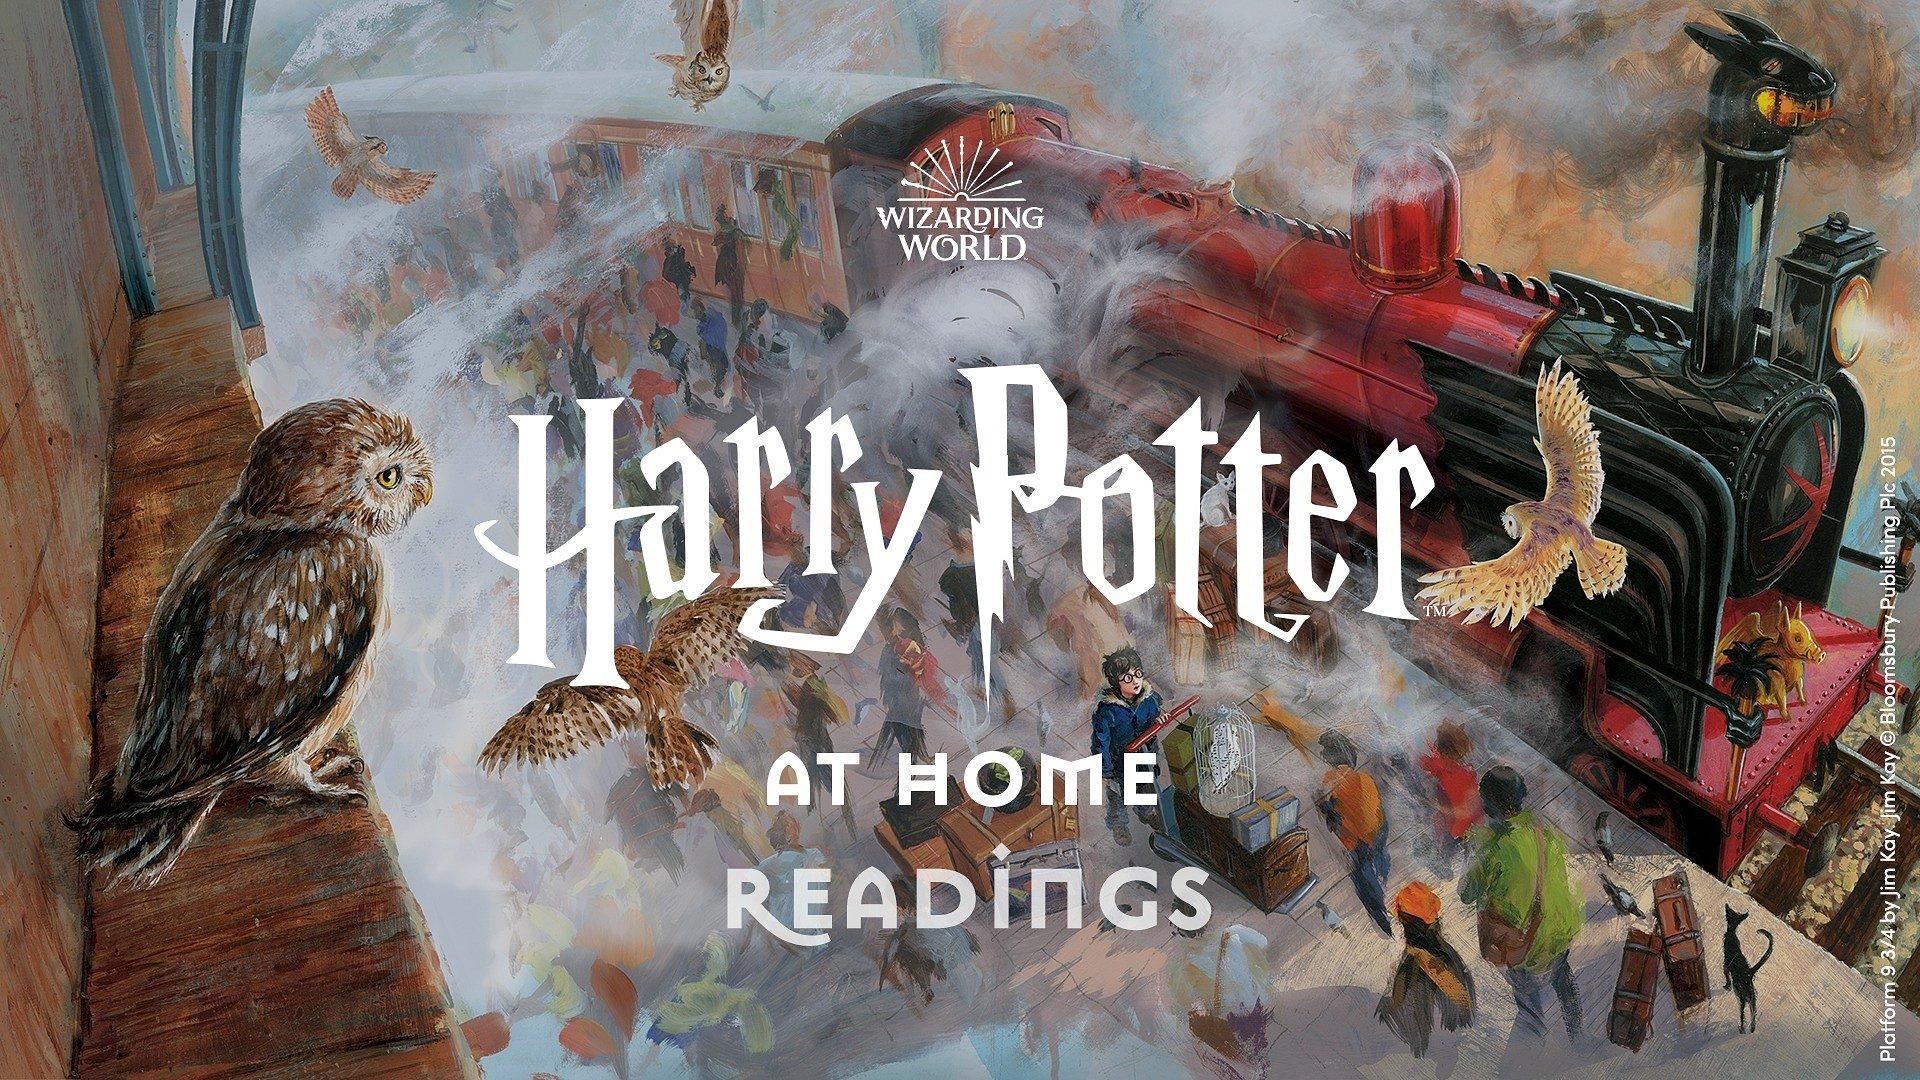 """Audio-exklusiv auf Spotify: Daniel Radcliffe, David Beckham und weitere Stars lesen """"Harry Potter And The Philosopher's Stone"""""""